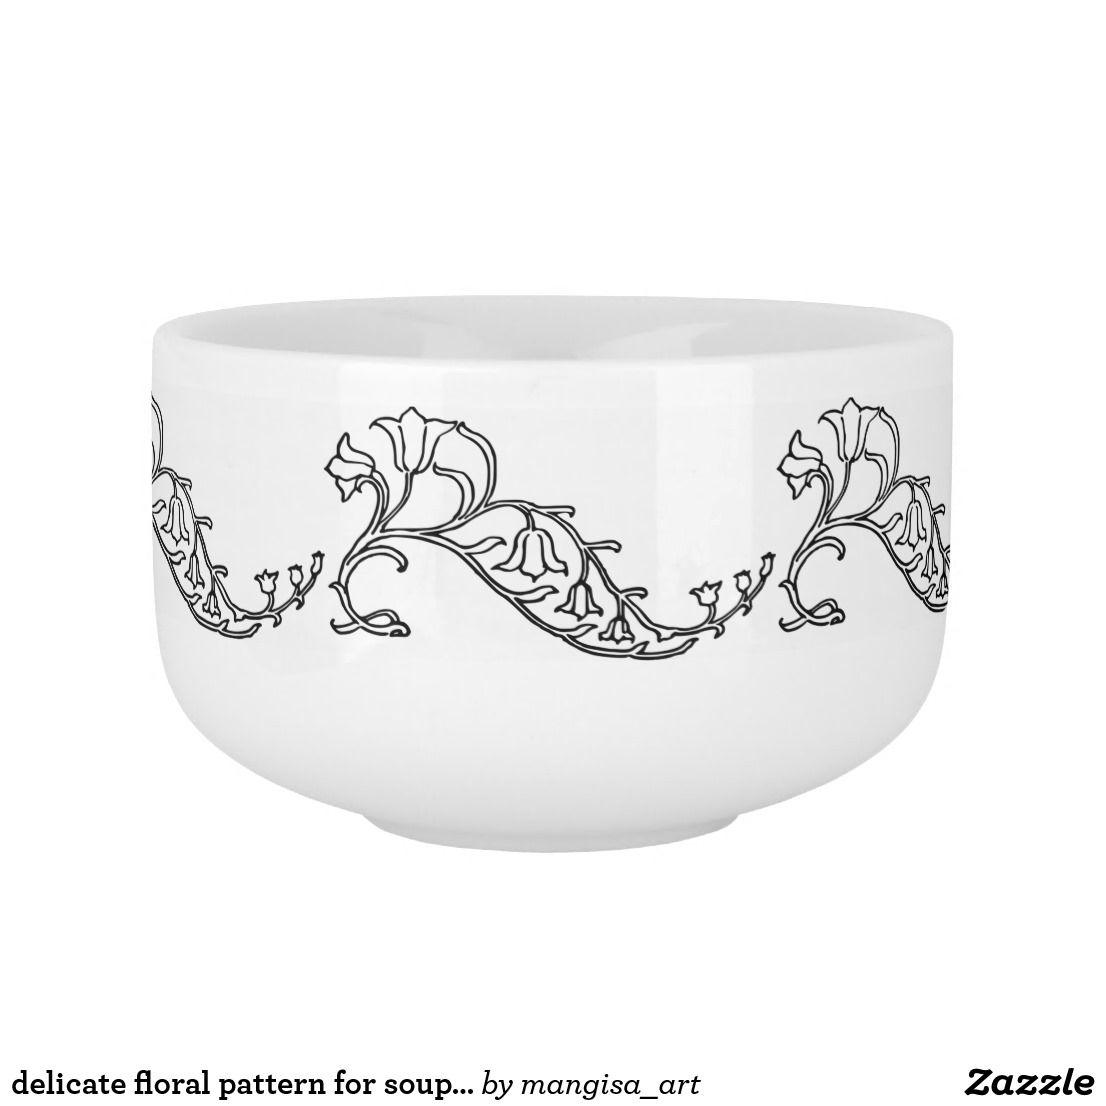 delicate floral pattern for soup mug